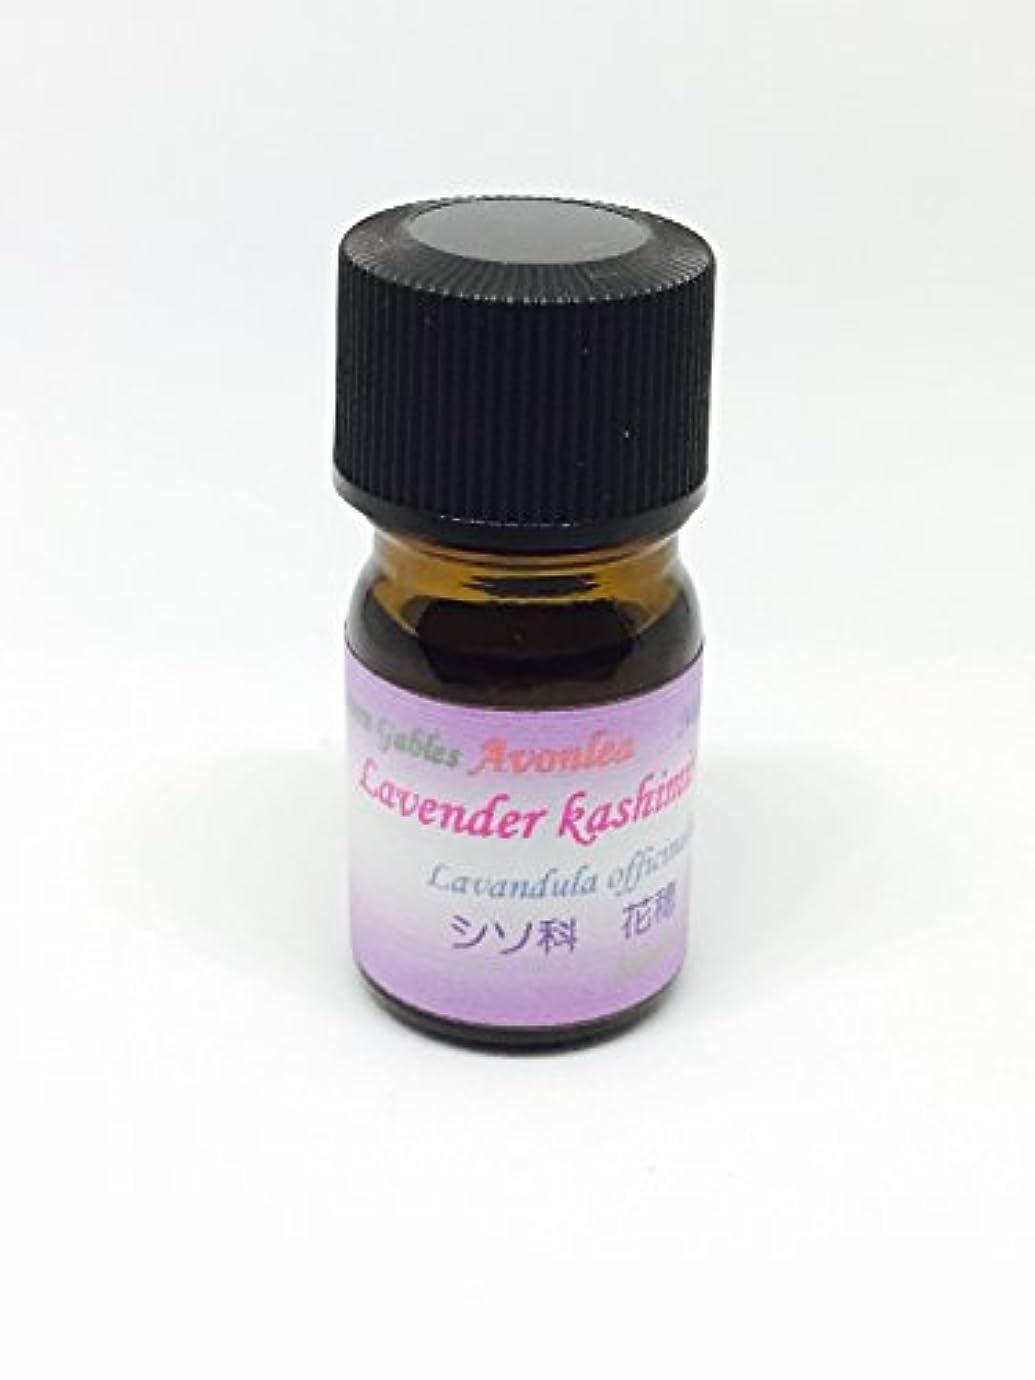 高原植物ラベンダー カシミール GⅡ 10ml 100%ピュアエッセンシャルオイル